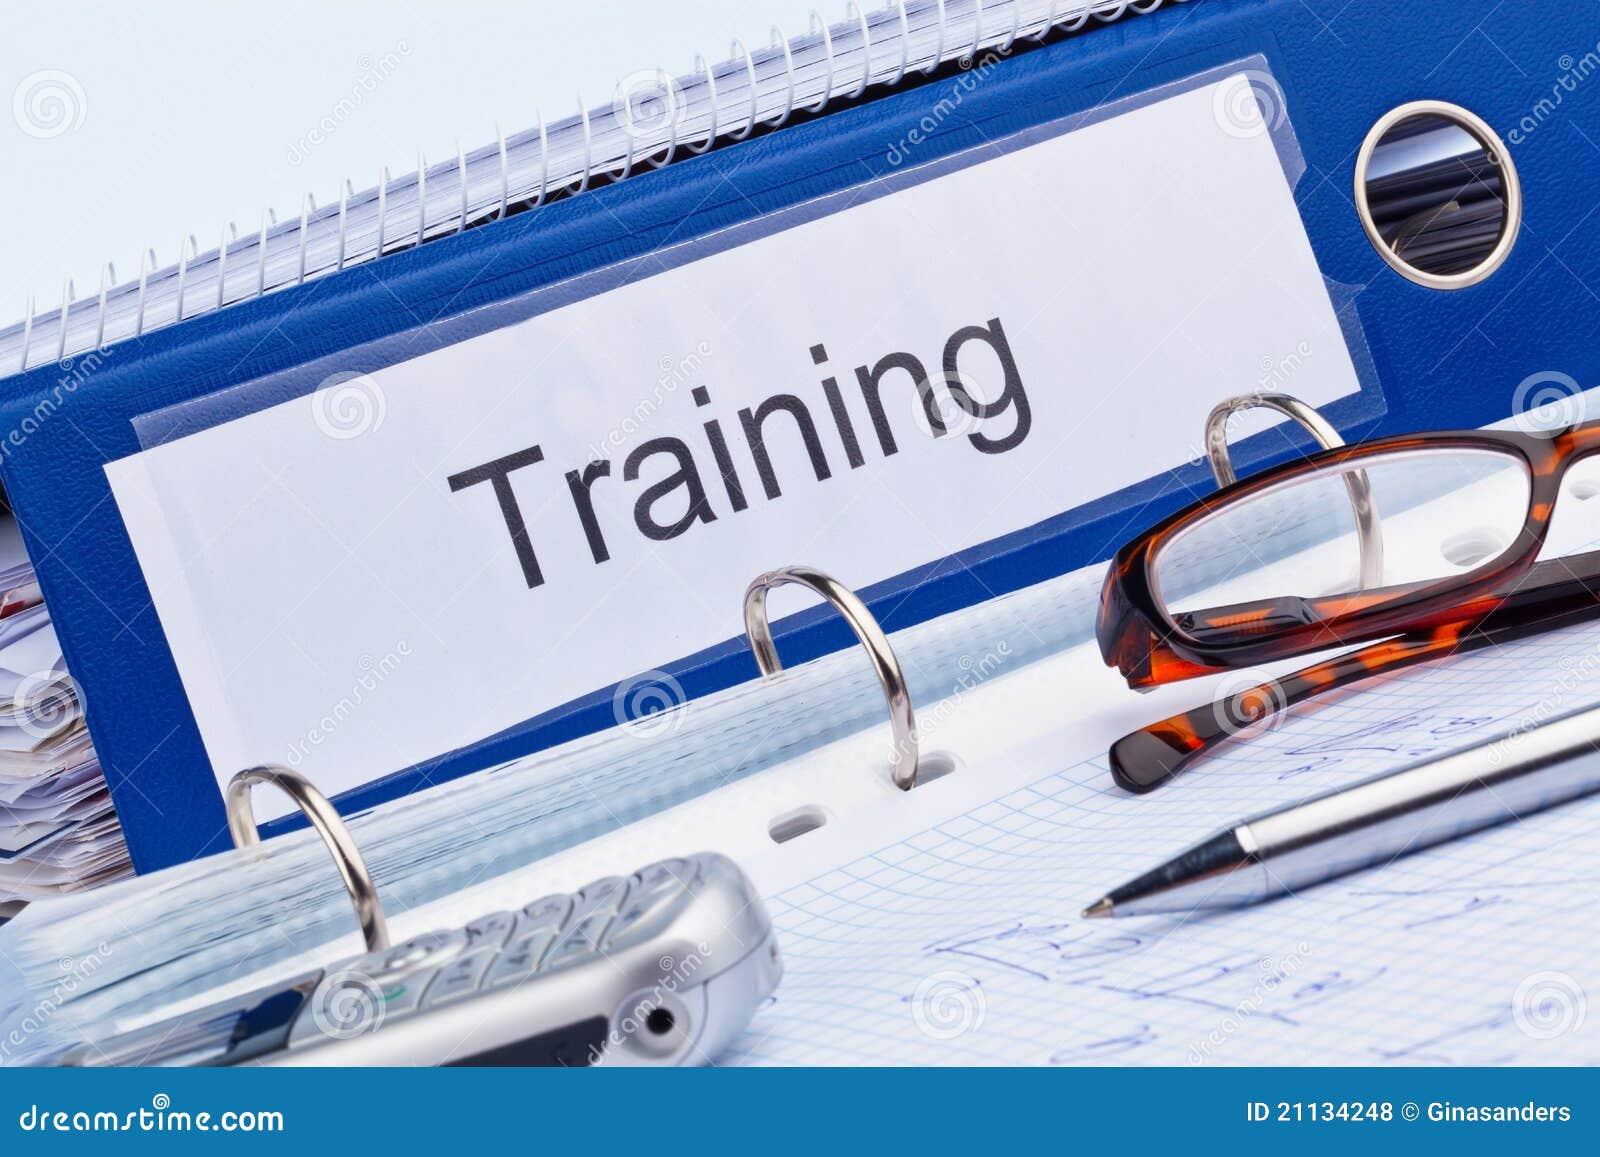 Michigan Erwachsenenbildung und Training